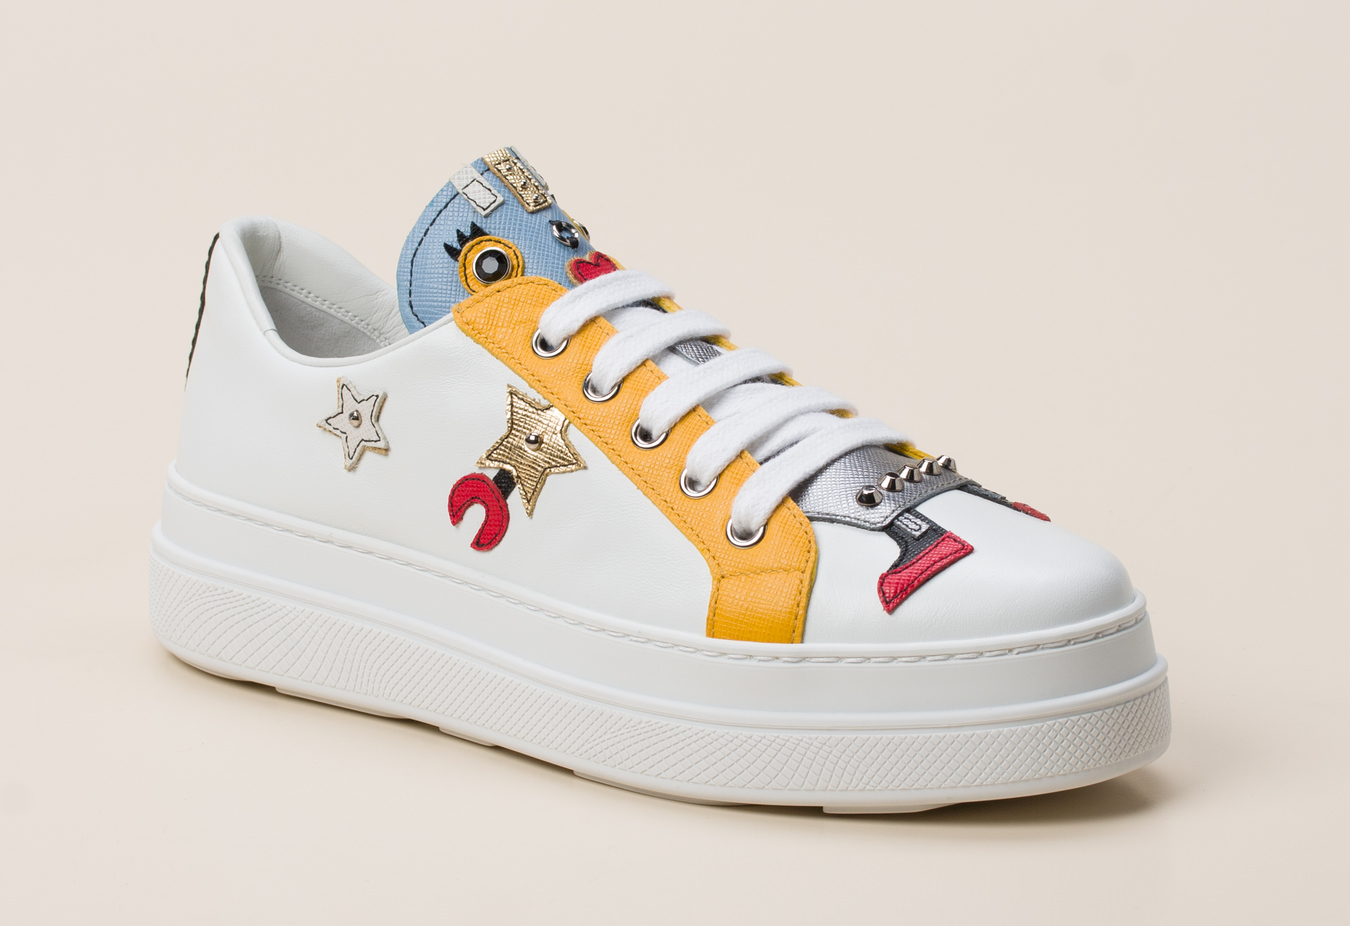 Prada Damen Sneaker in weiß kaufen | Zumnorde Online Shop